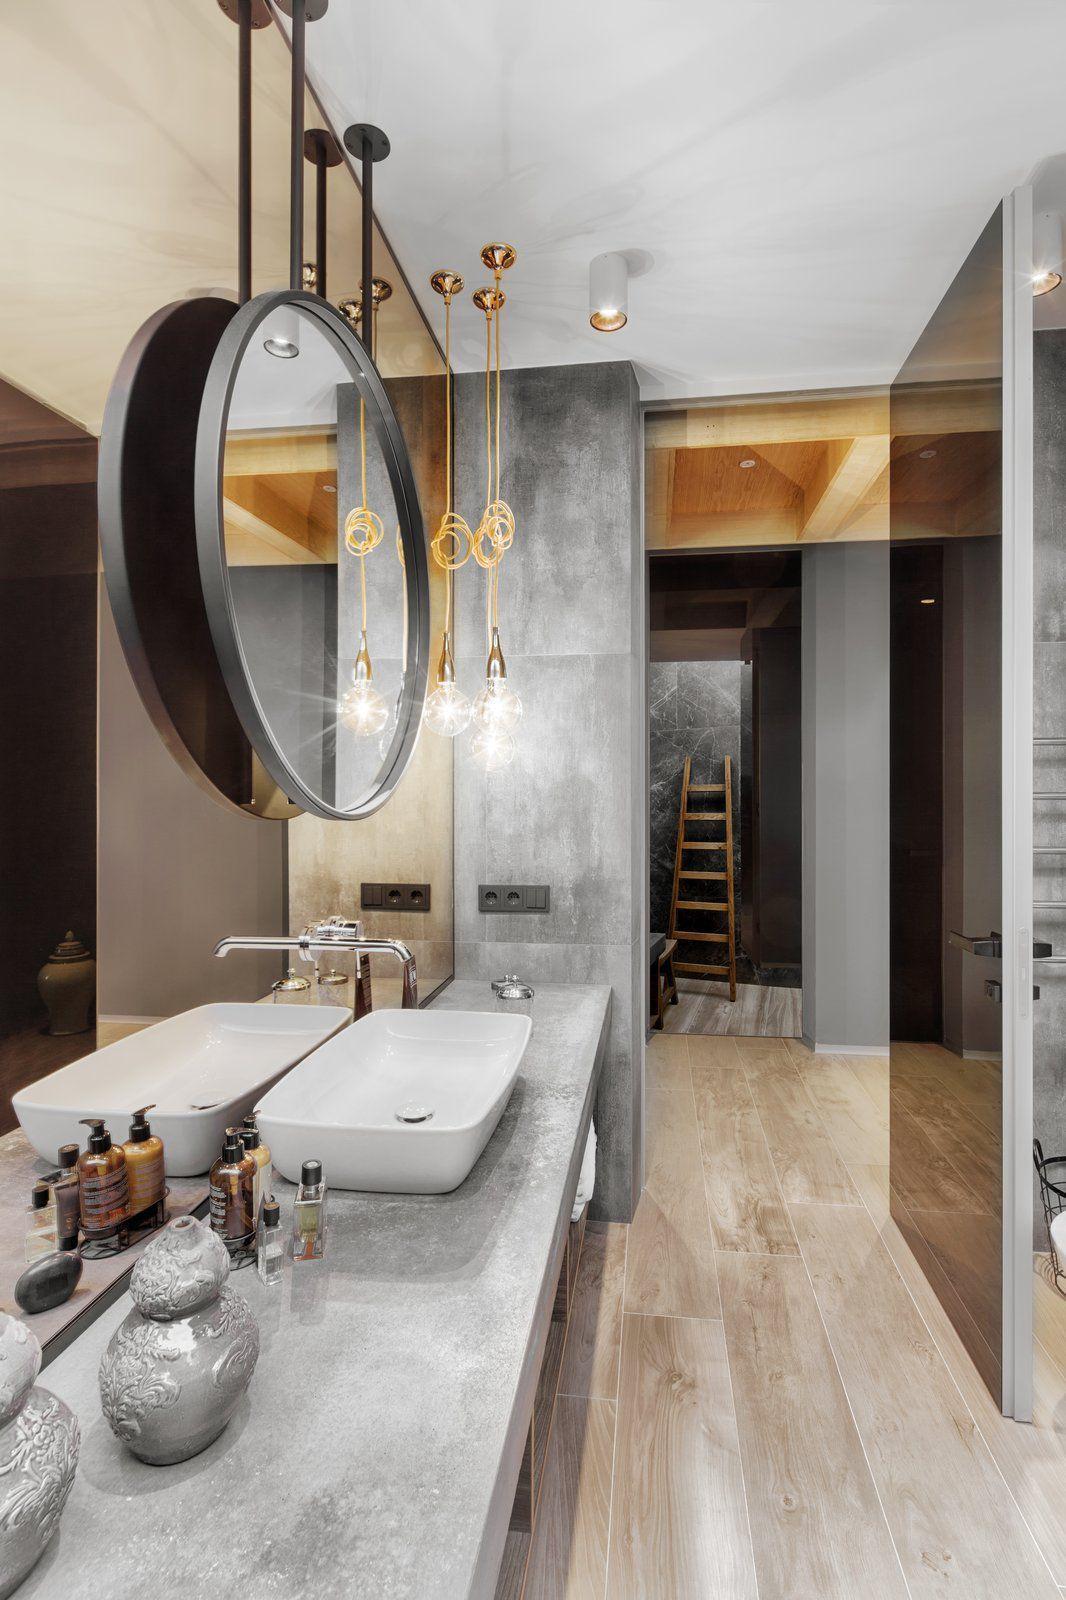 amantes del estilo industrial ¡estos baños son para